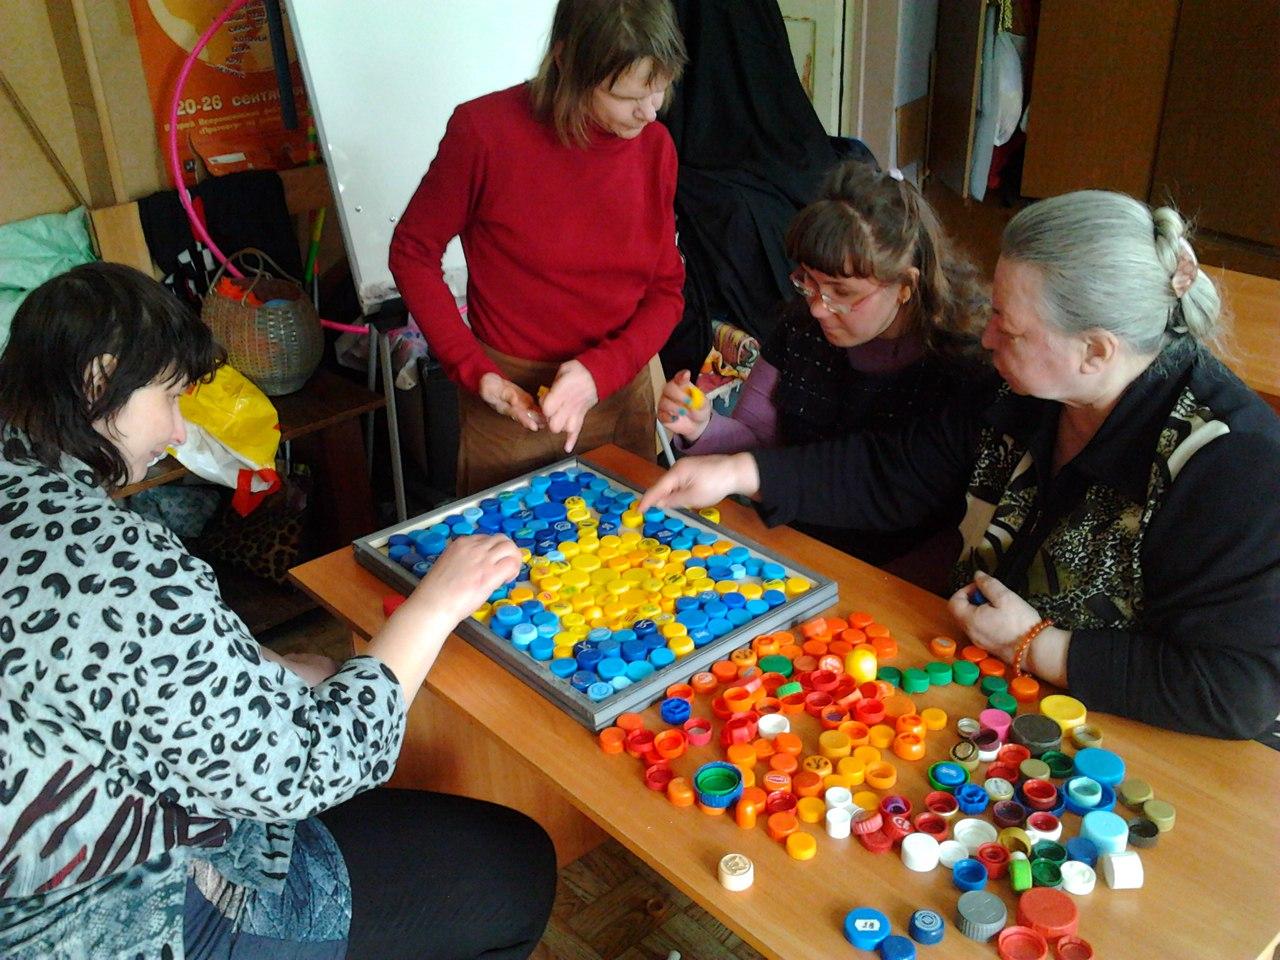 В клубе инвалидов «Вера» мастер-класс по выполнению декоративного узора из пластмассовых крышек